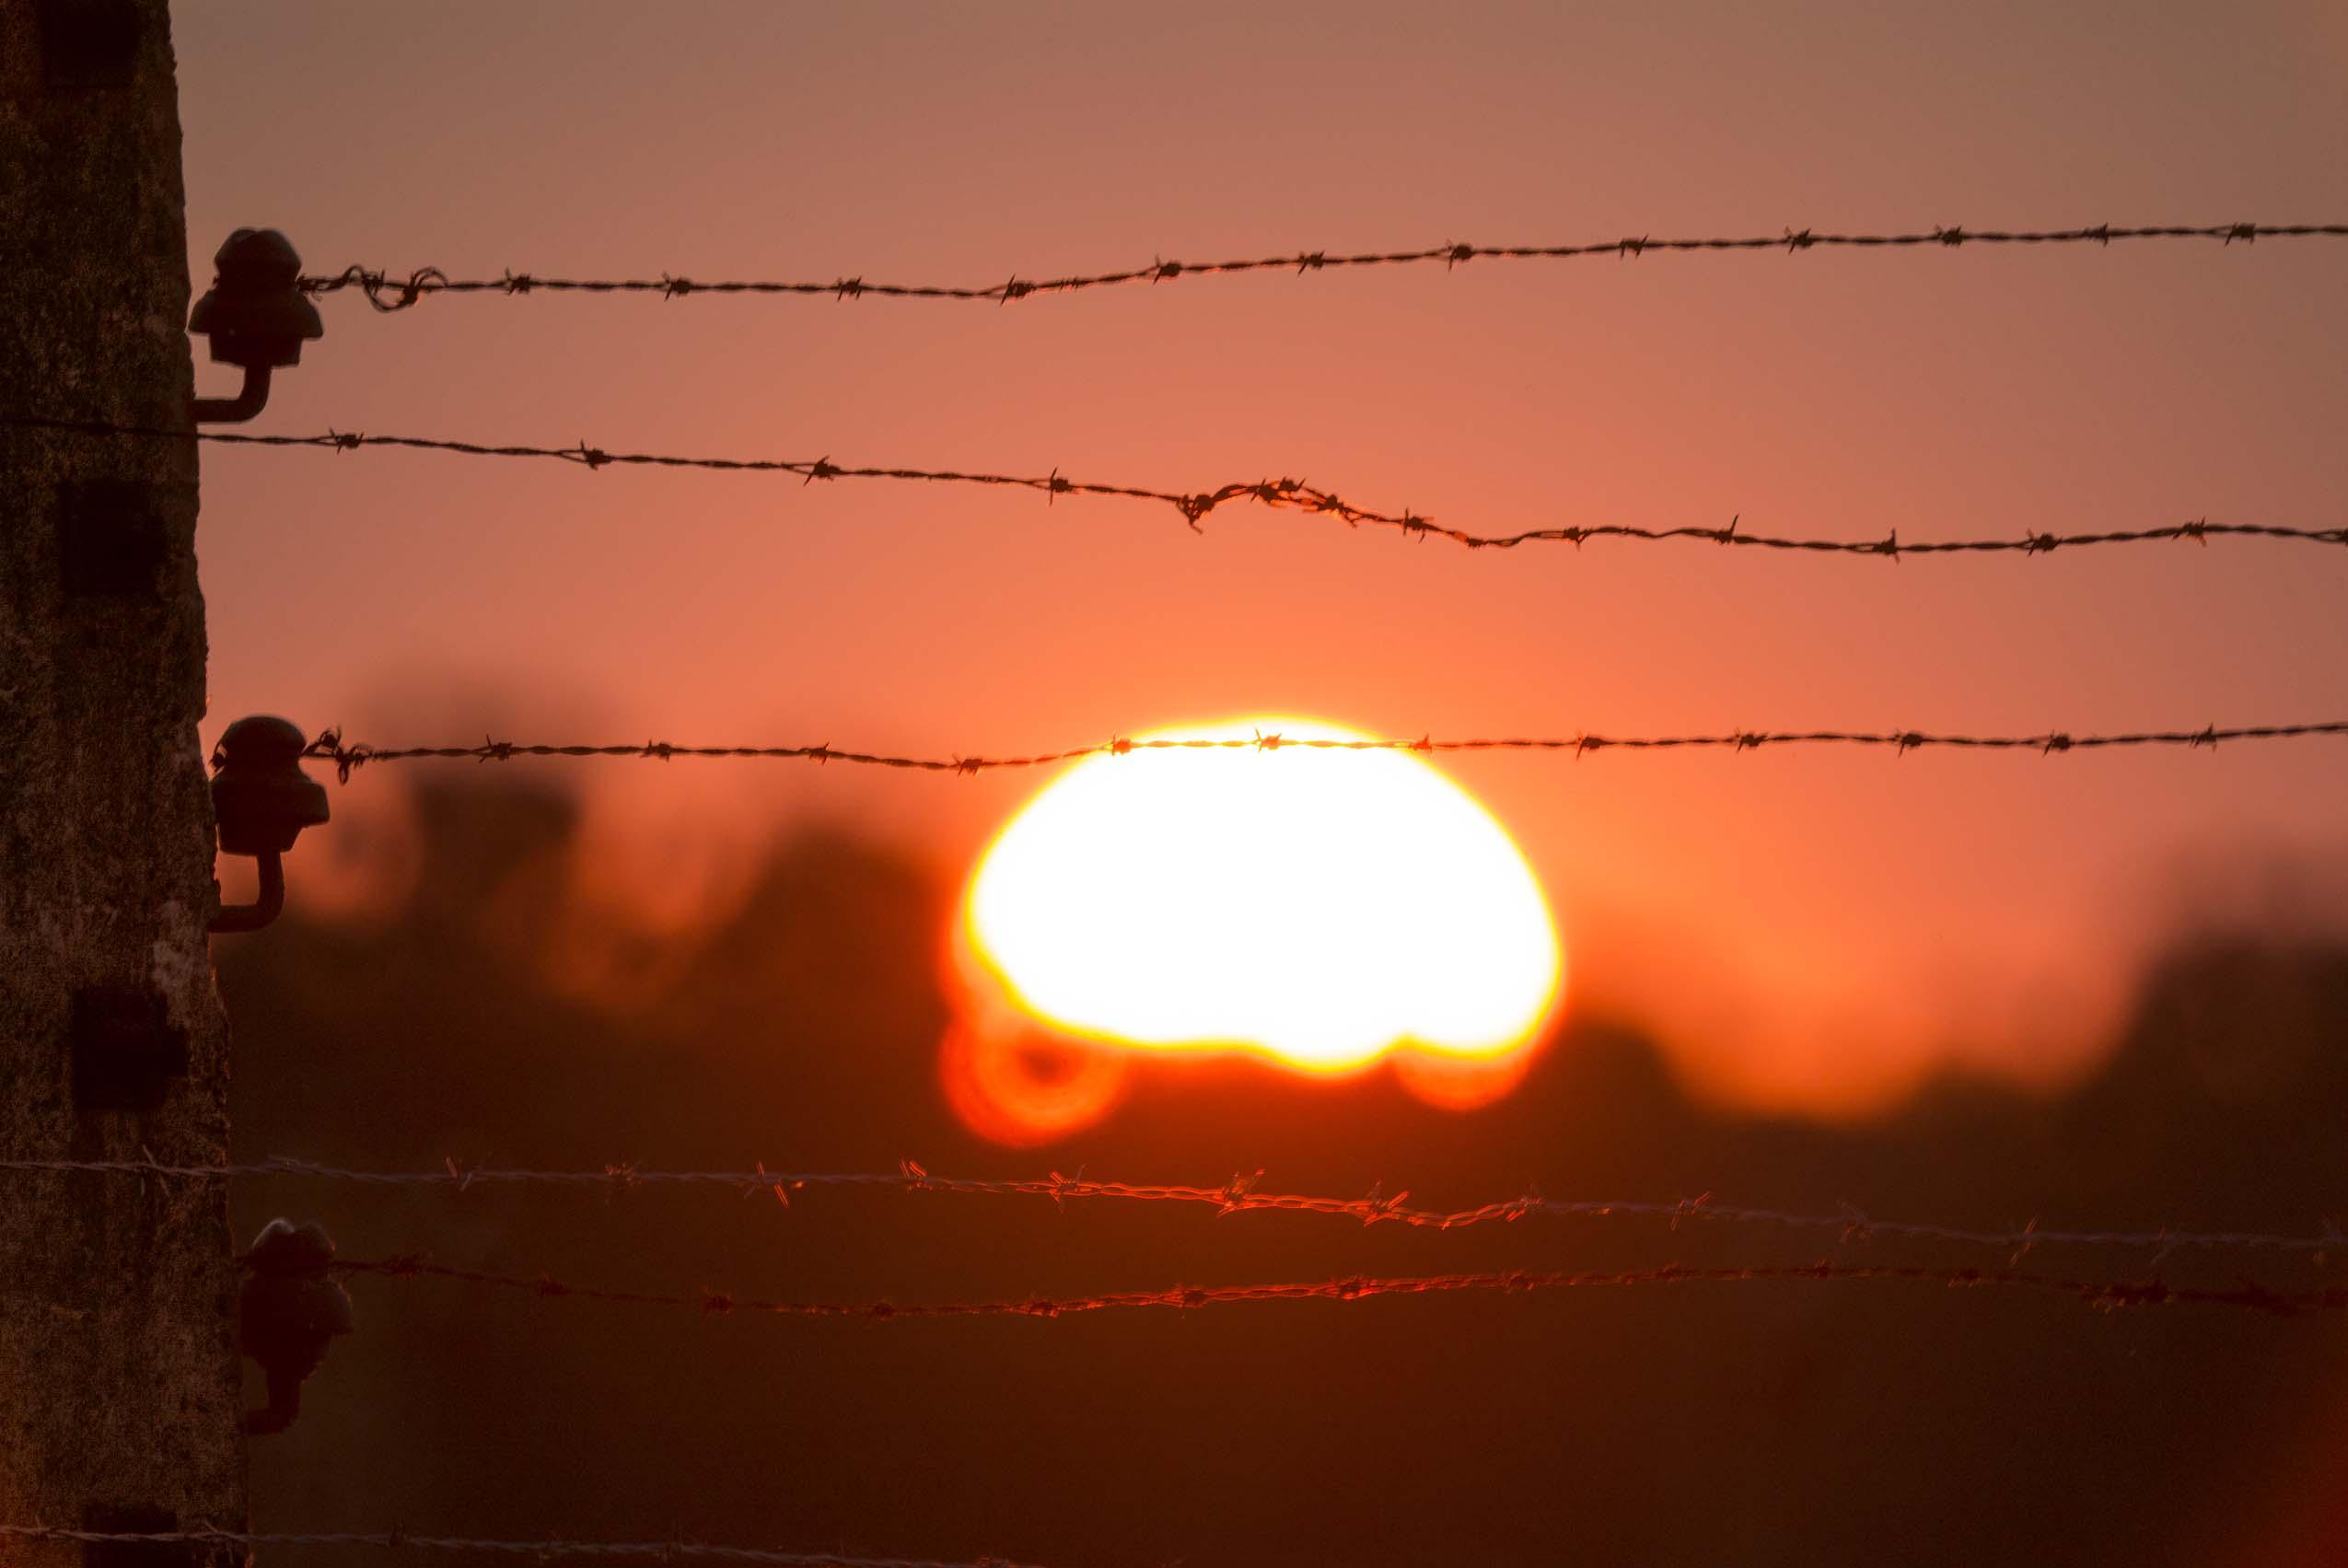 zdjęcie zachodzącego słońca, na pierwszym planie drut kolczasty